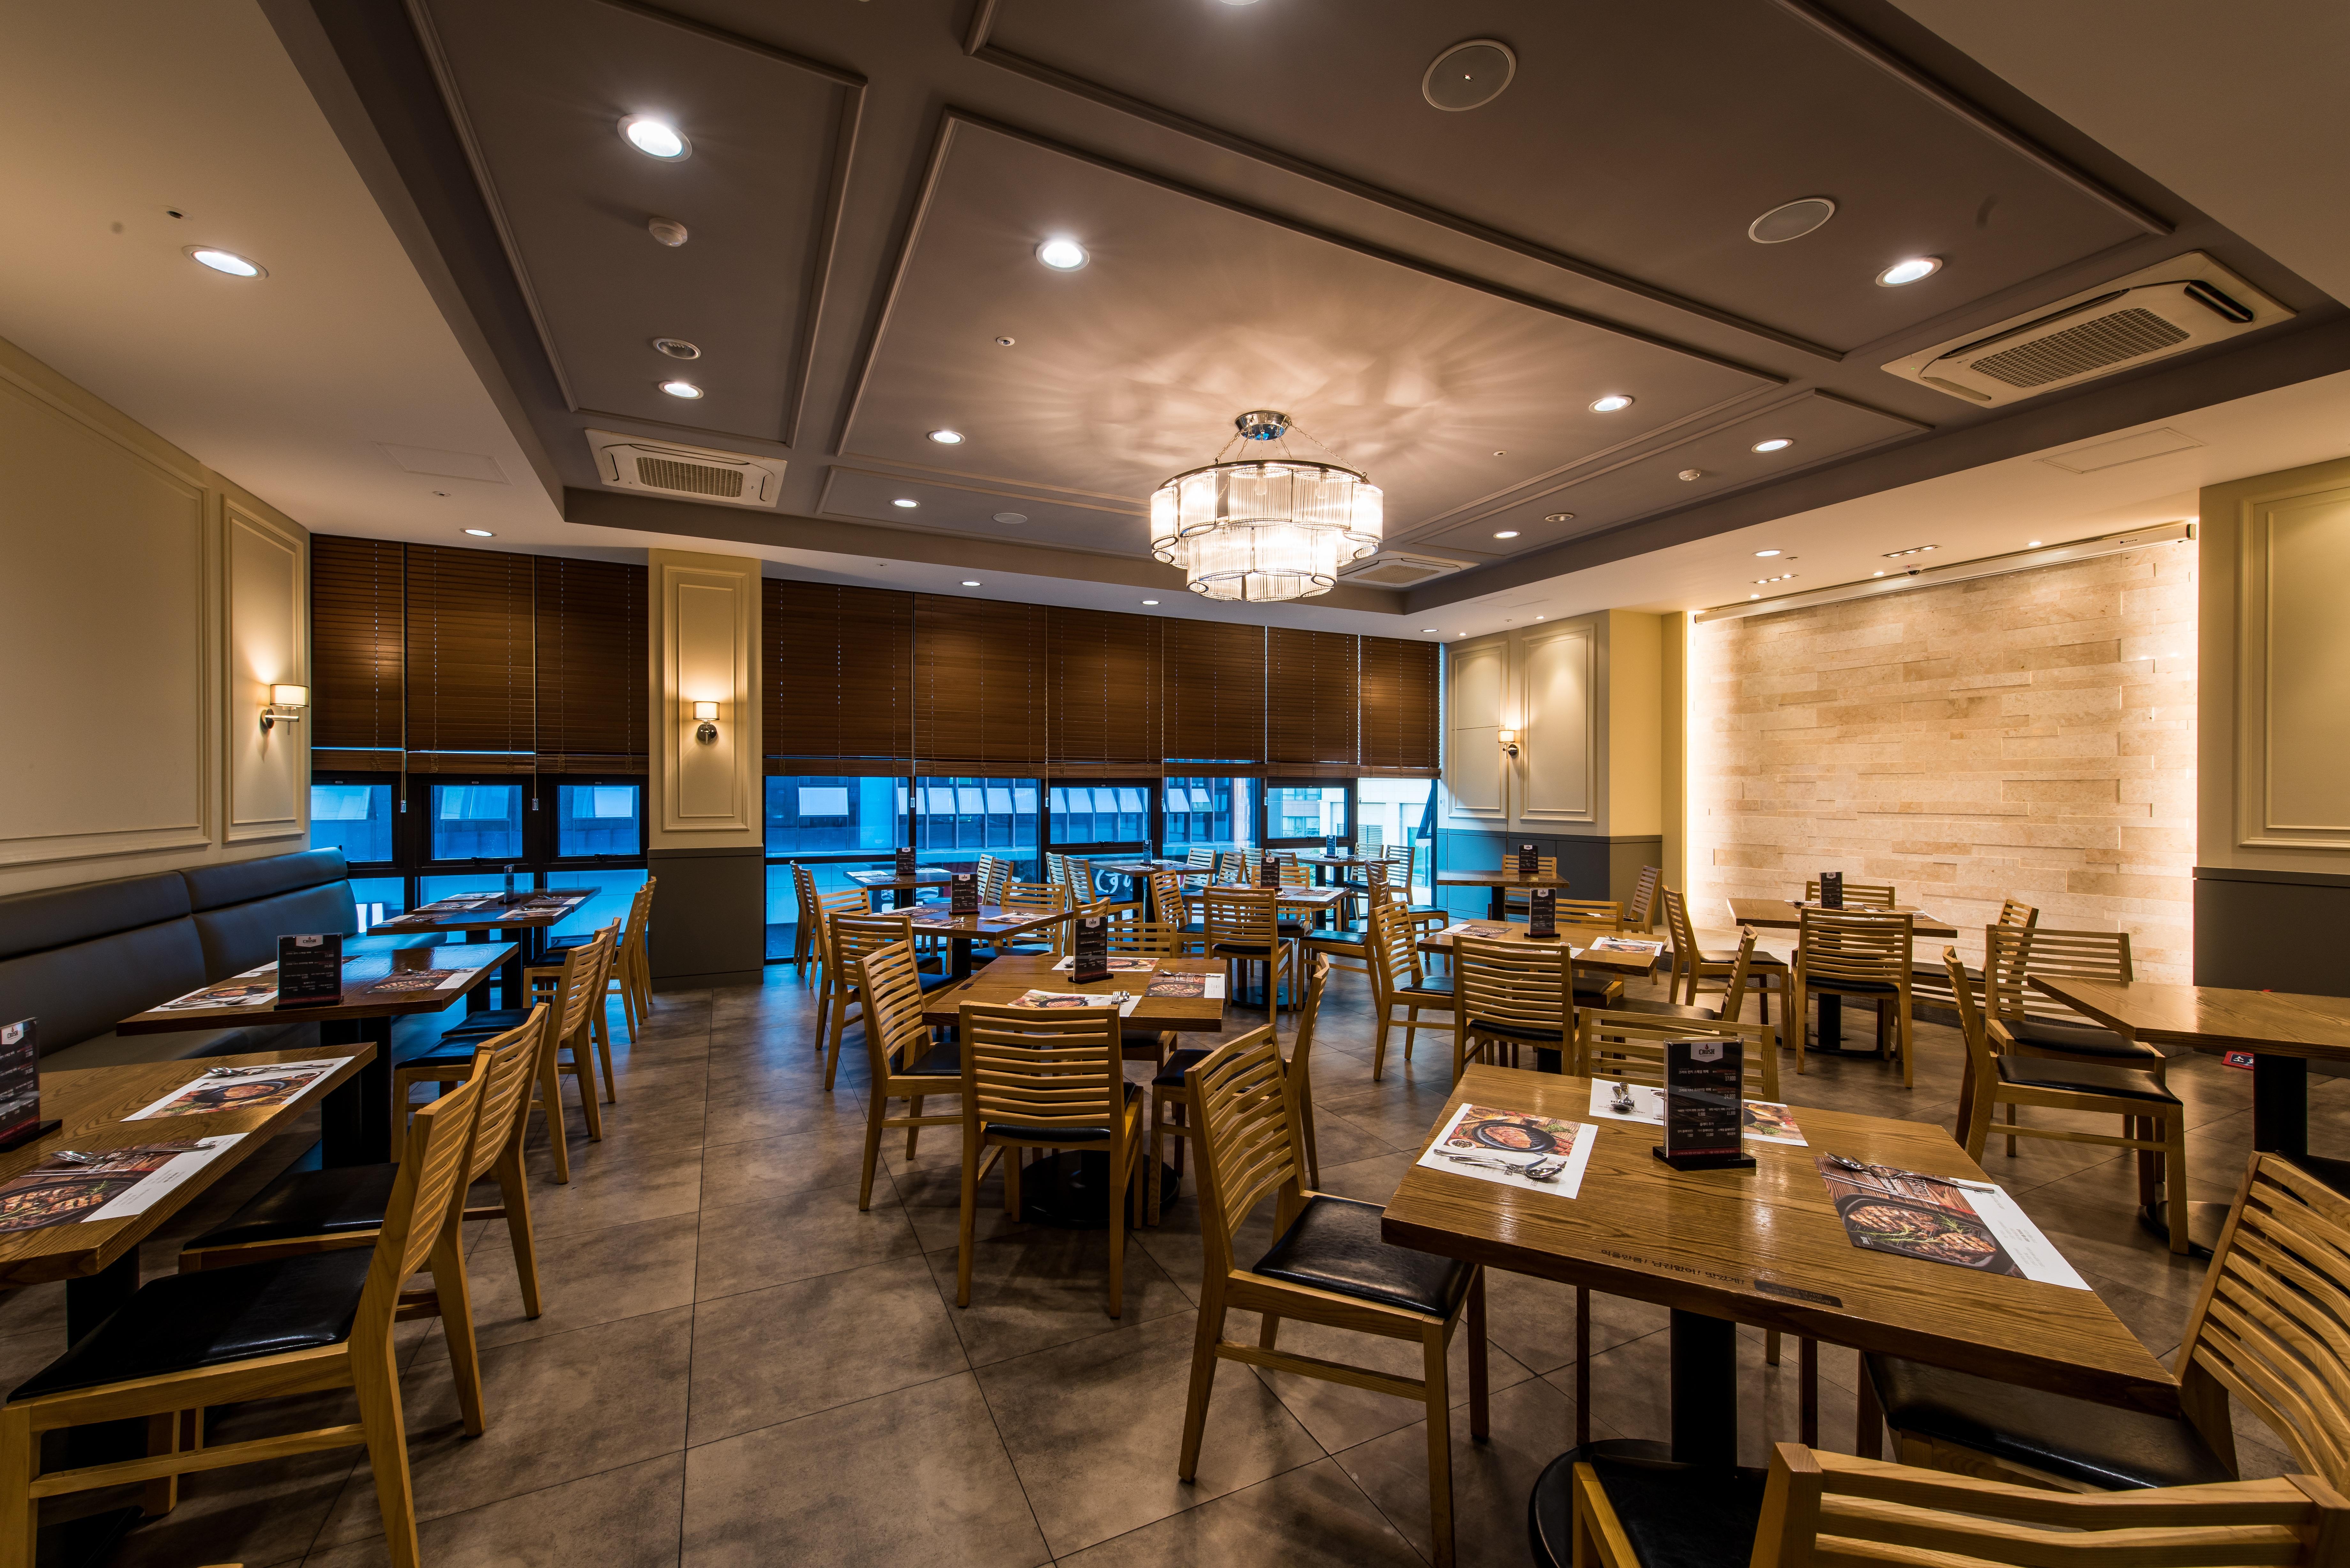 รูปภาพ ตาราง ร้านอาหาร บุฟเฟ่ต์ การออกแบบตกแต่งภายใน